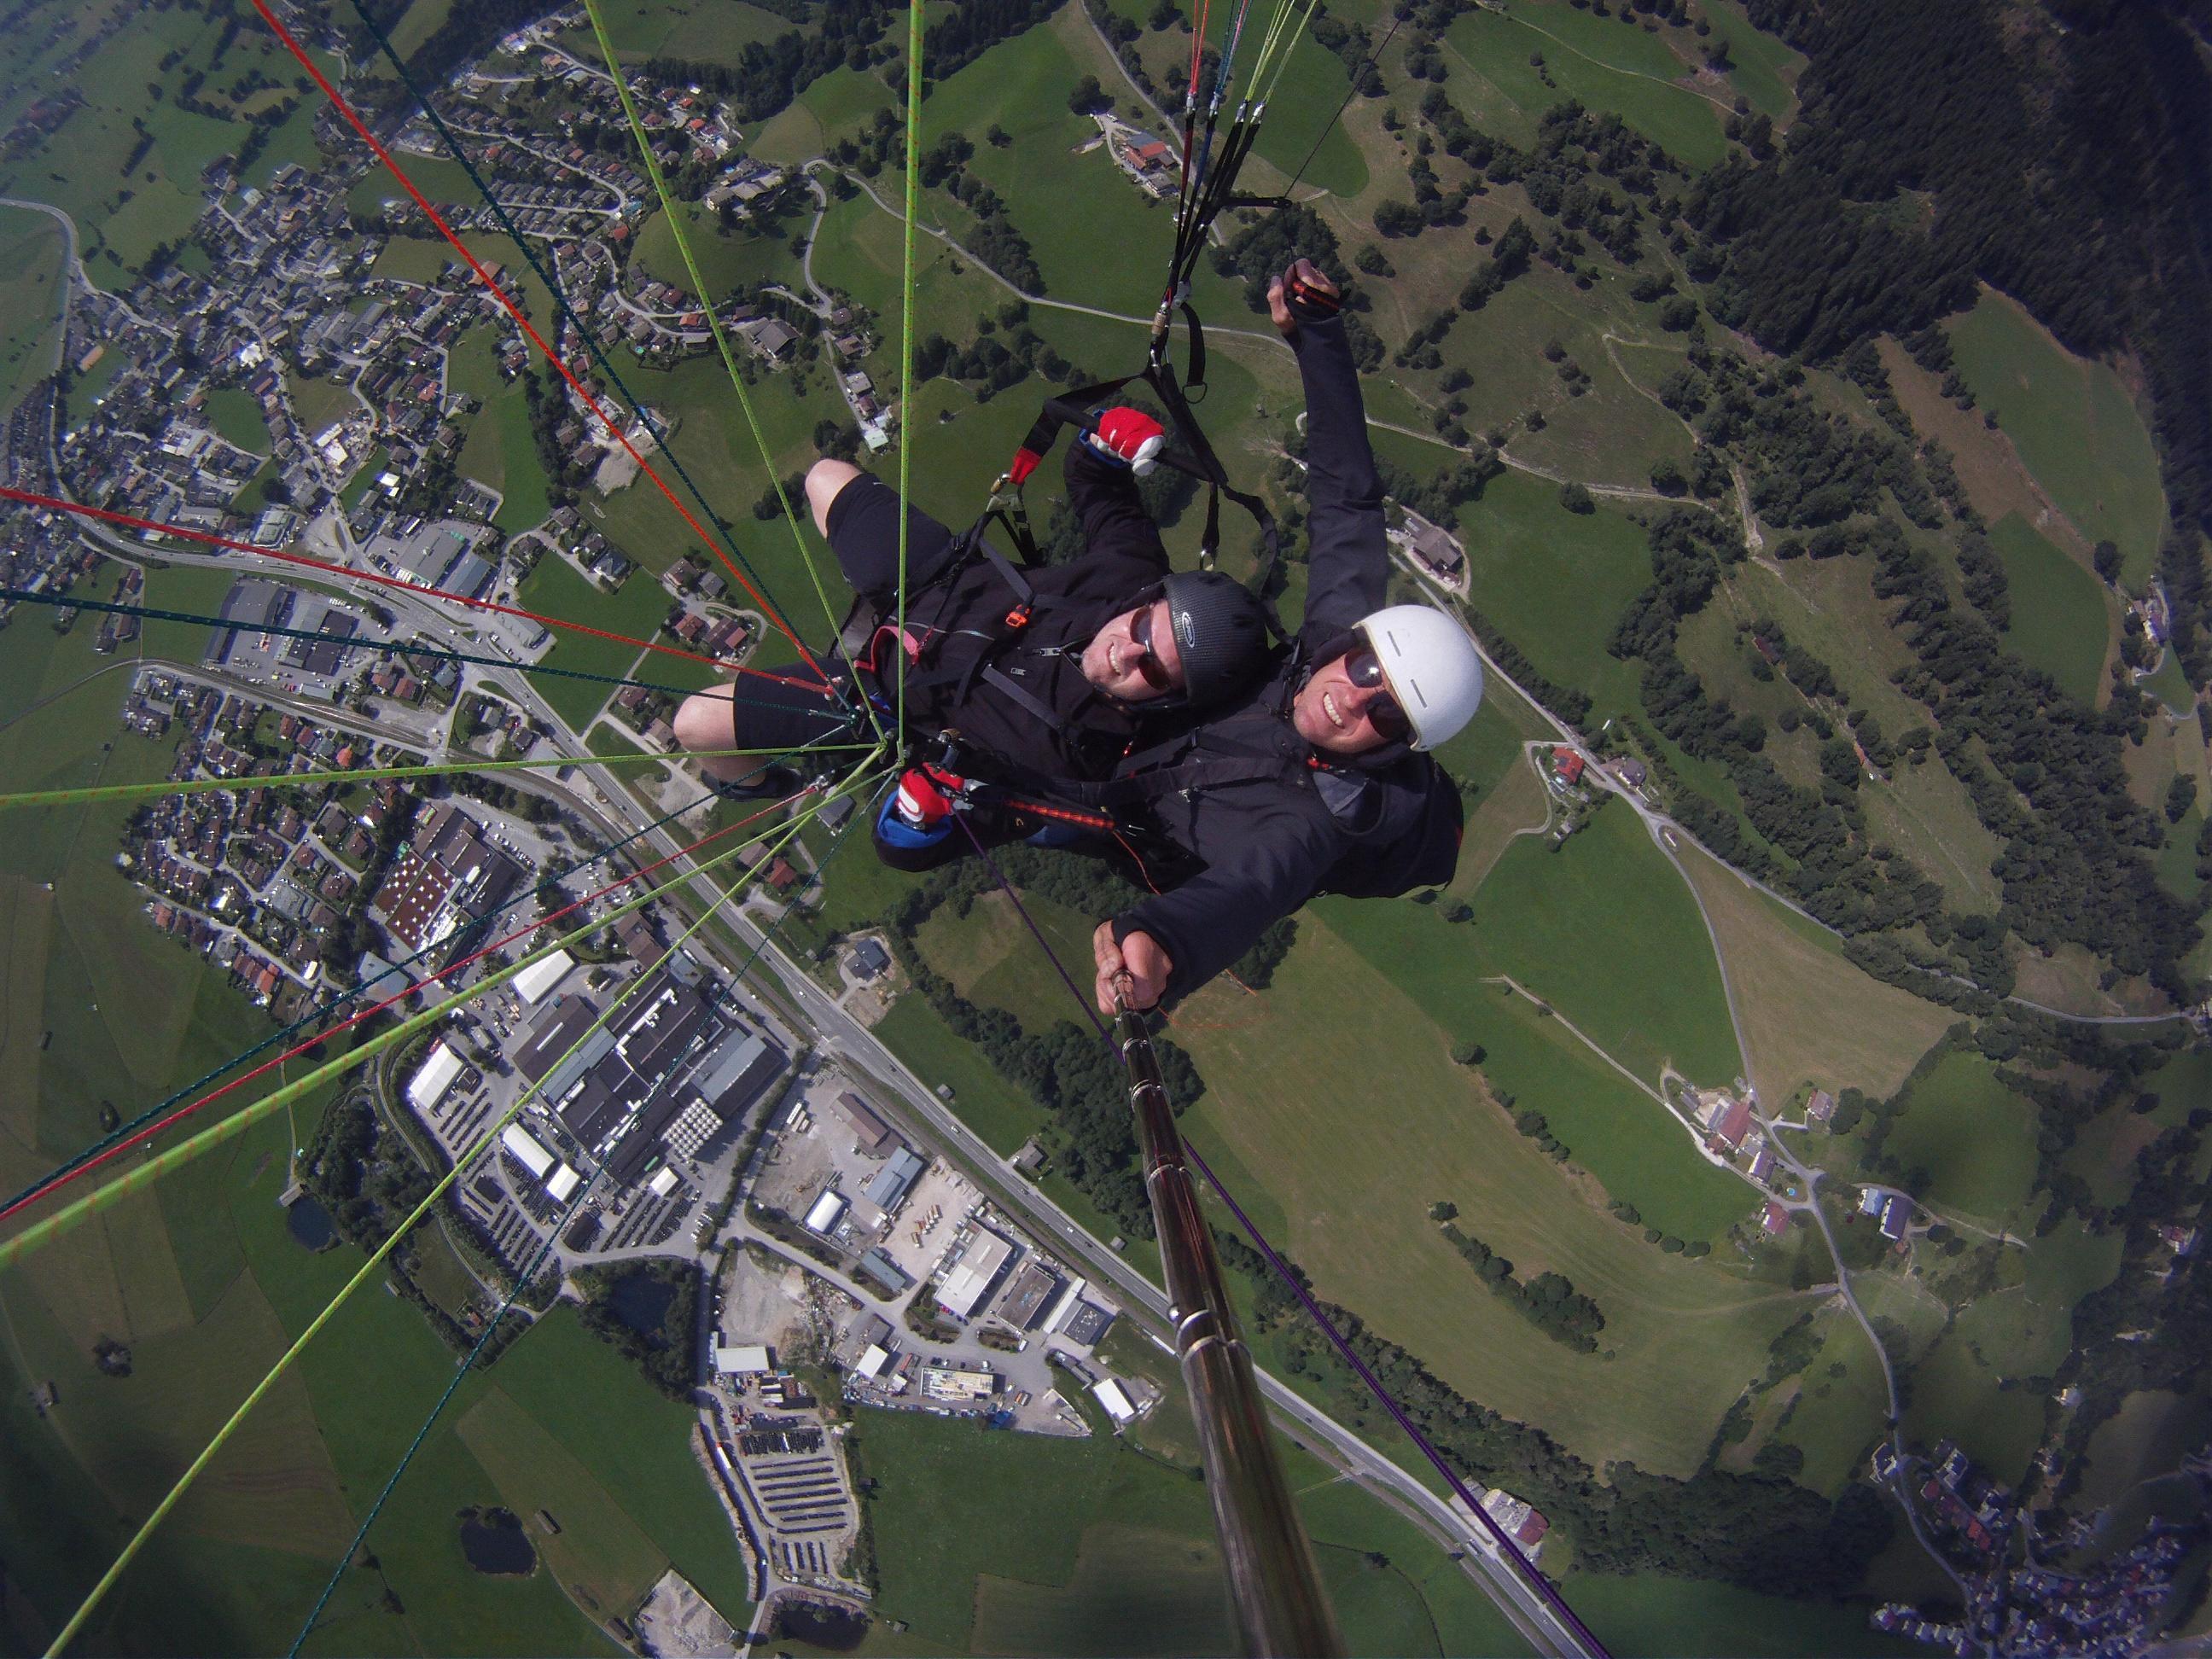 Kristian beim Paragliden 2